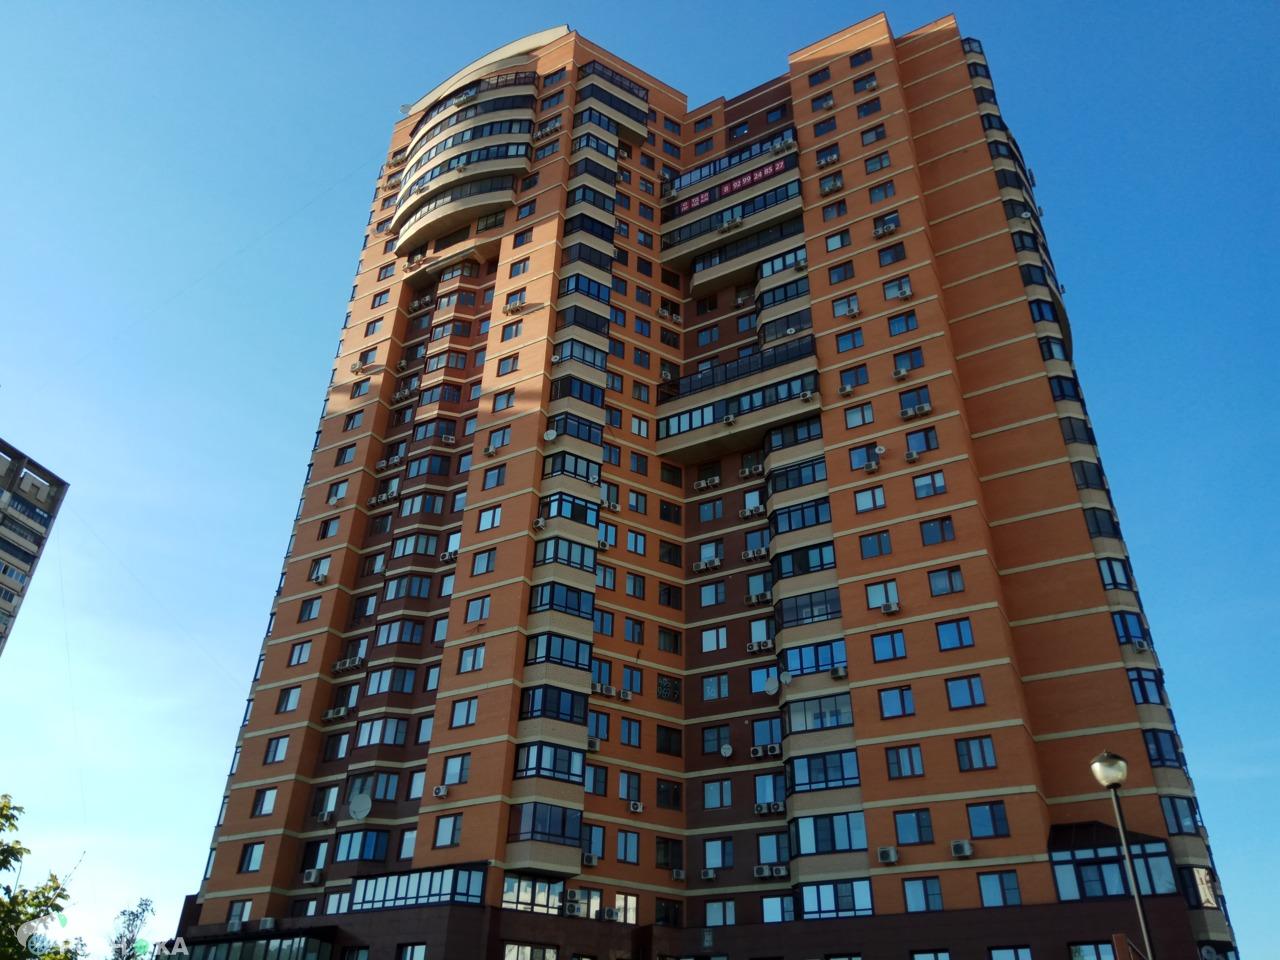 Купить трёхкомнатную квартиру г Москва, ул Кировоградская, д 22 к 2 - World Real Estate Service «PUSH-KA», объявление №236